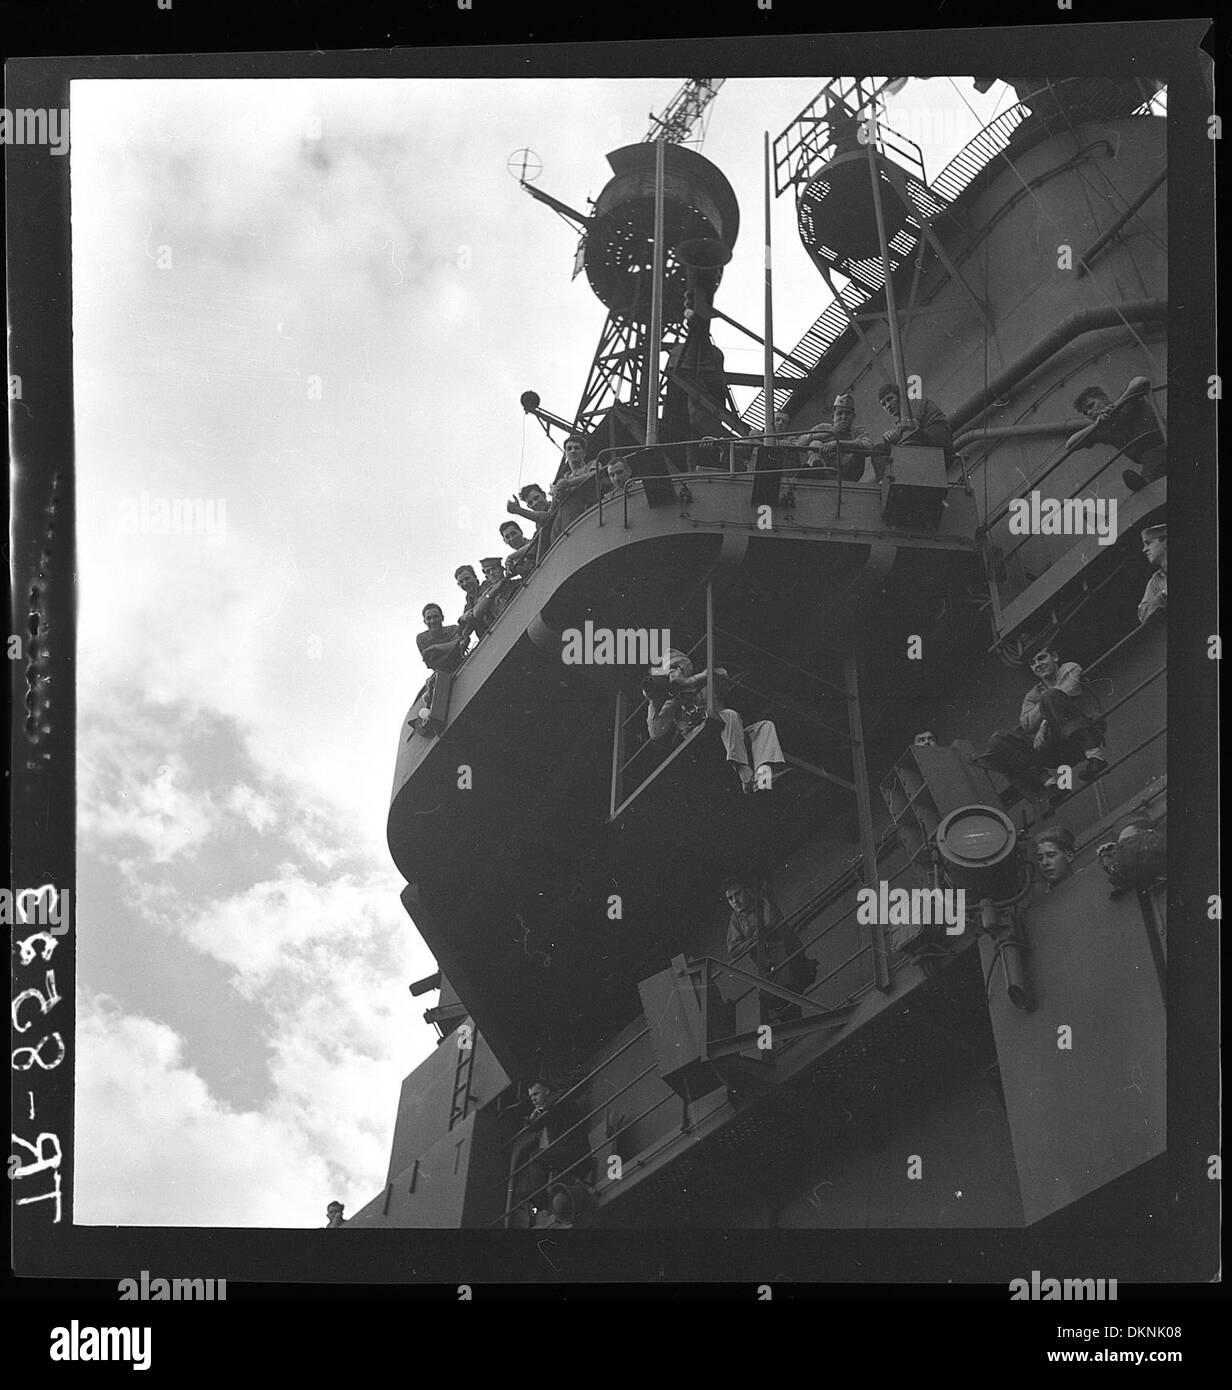 CDR E.J. am Rahmen unter Flight Deck Bekämpfung fotografieren mit k ...